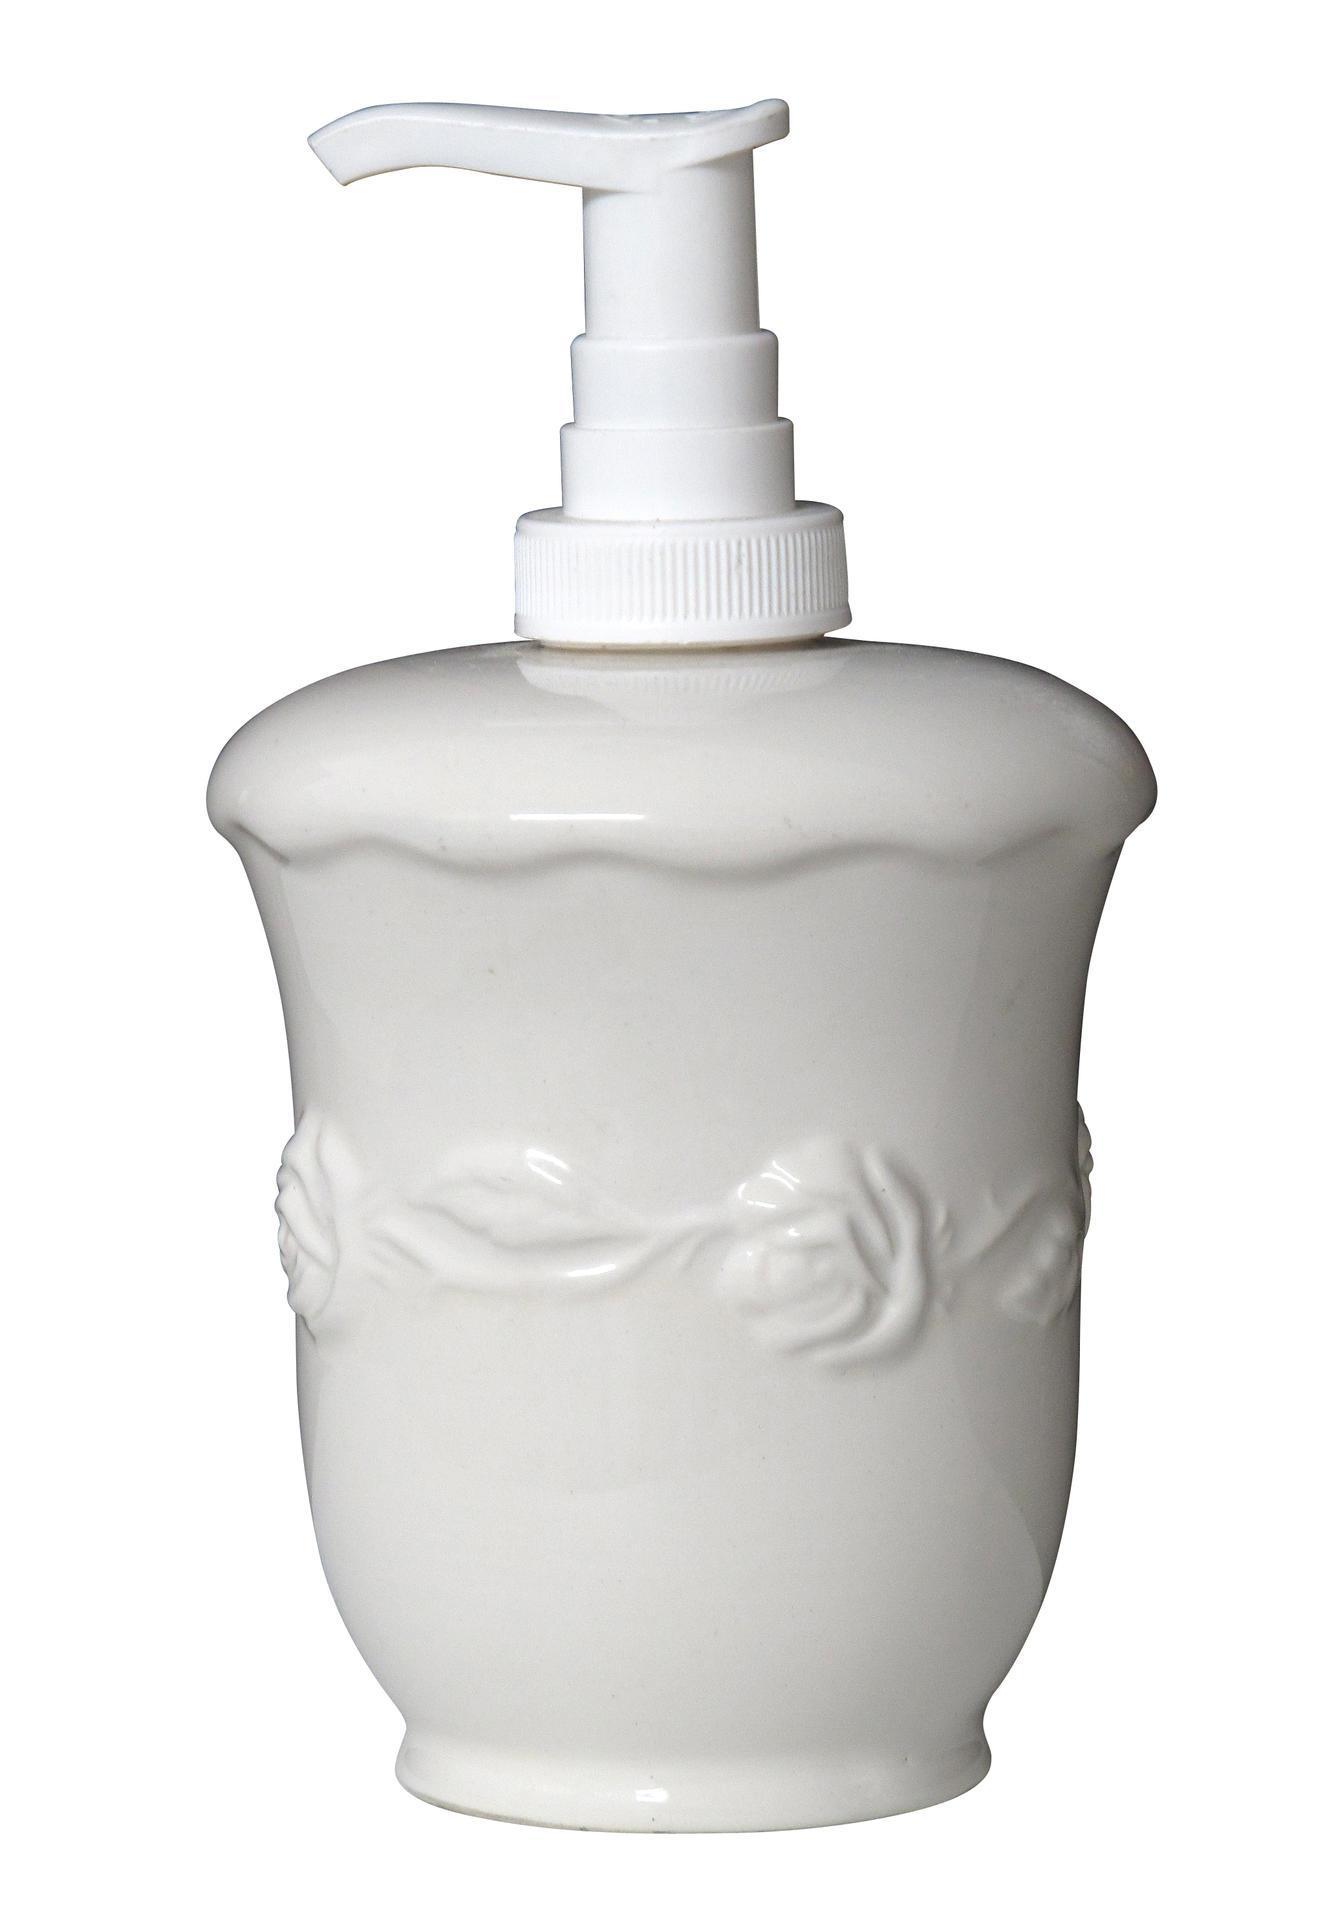 IB LAURSEN Porcelánový zásobník na mýdlo Rose, bílá barva, porcelán